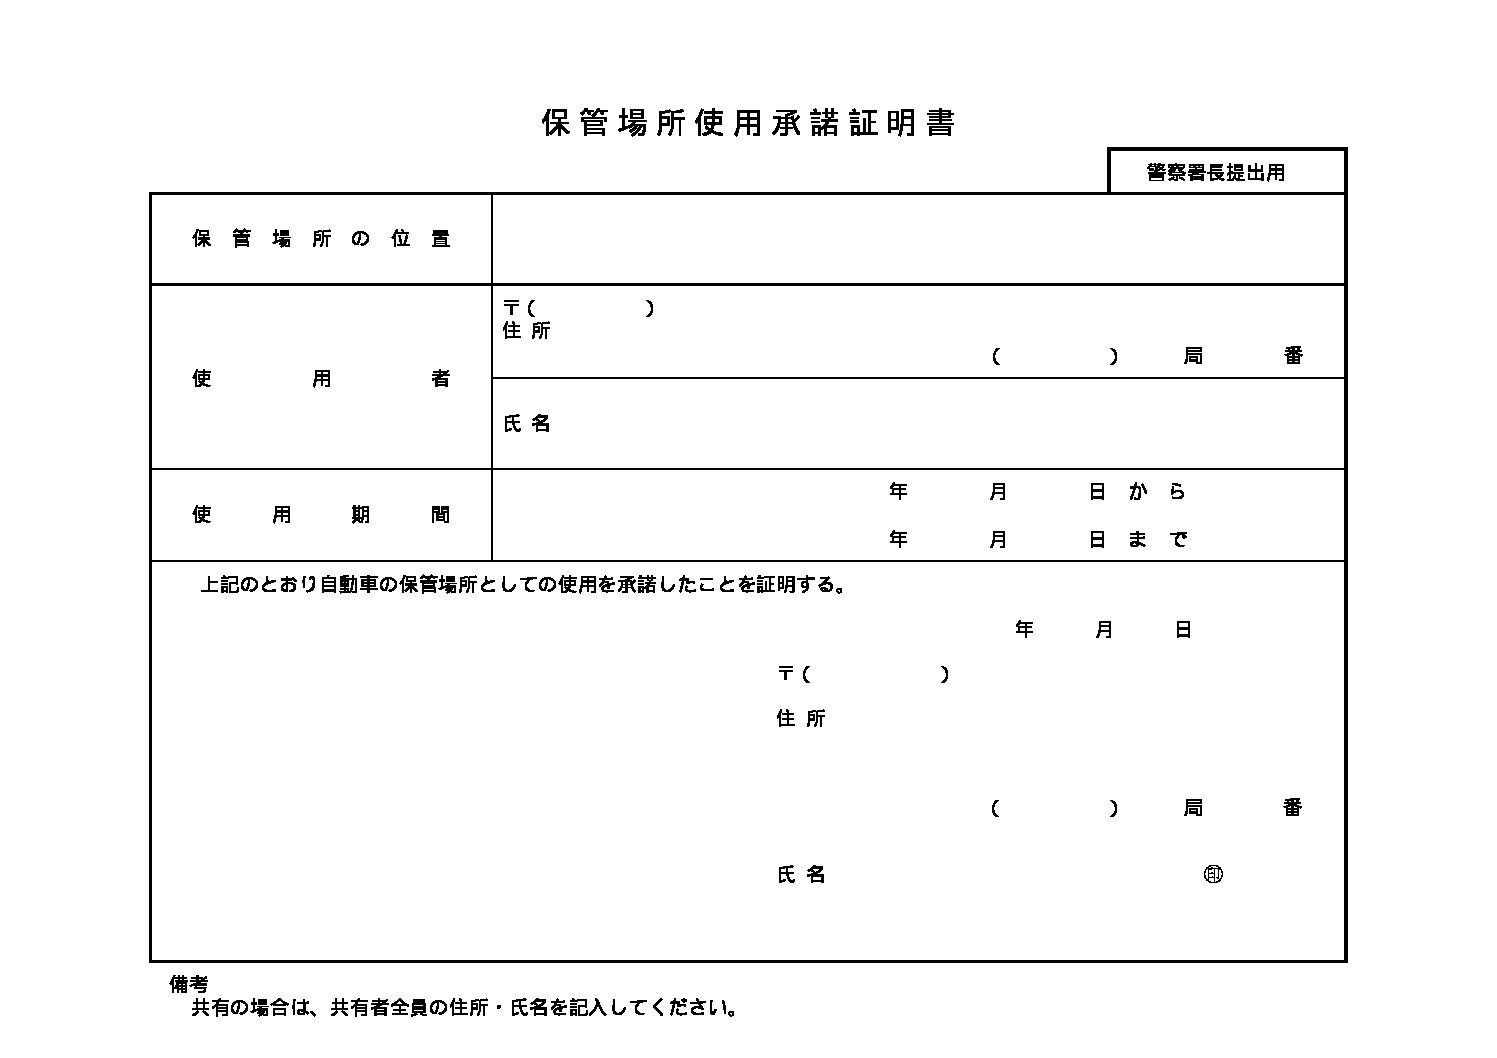 hiranaka_shakosyoumei